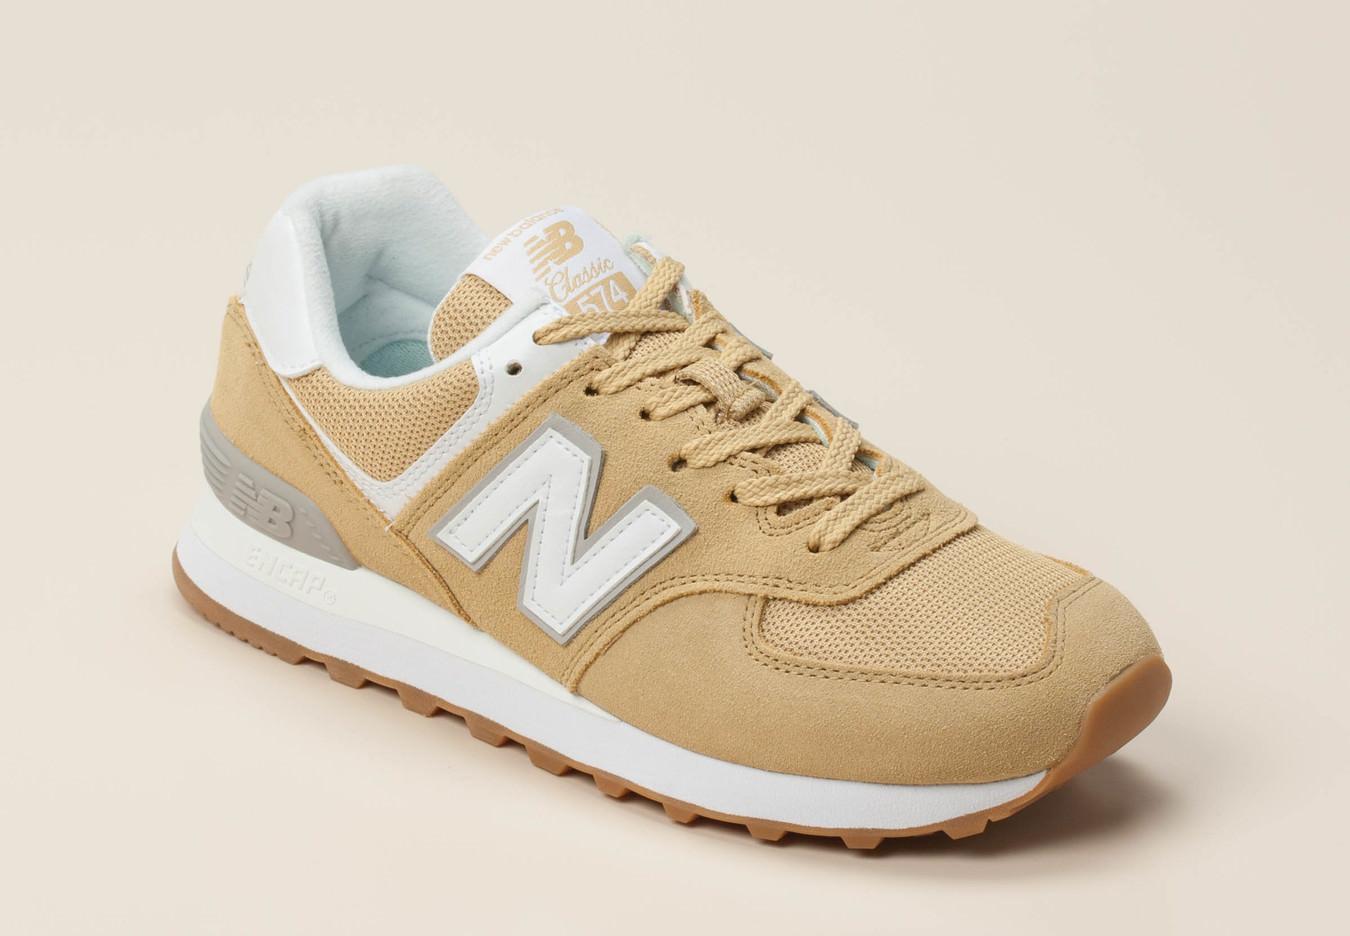 New Balance Damen Sneaker in gelb kaufen | Zumnorde Online-Shop